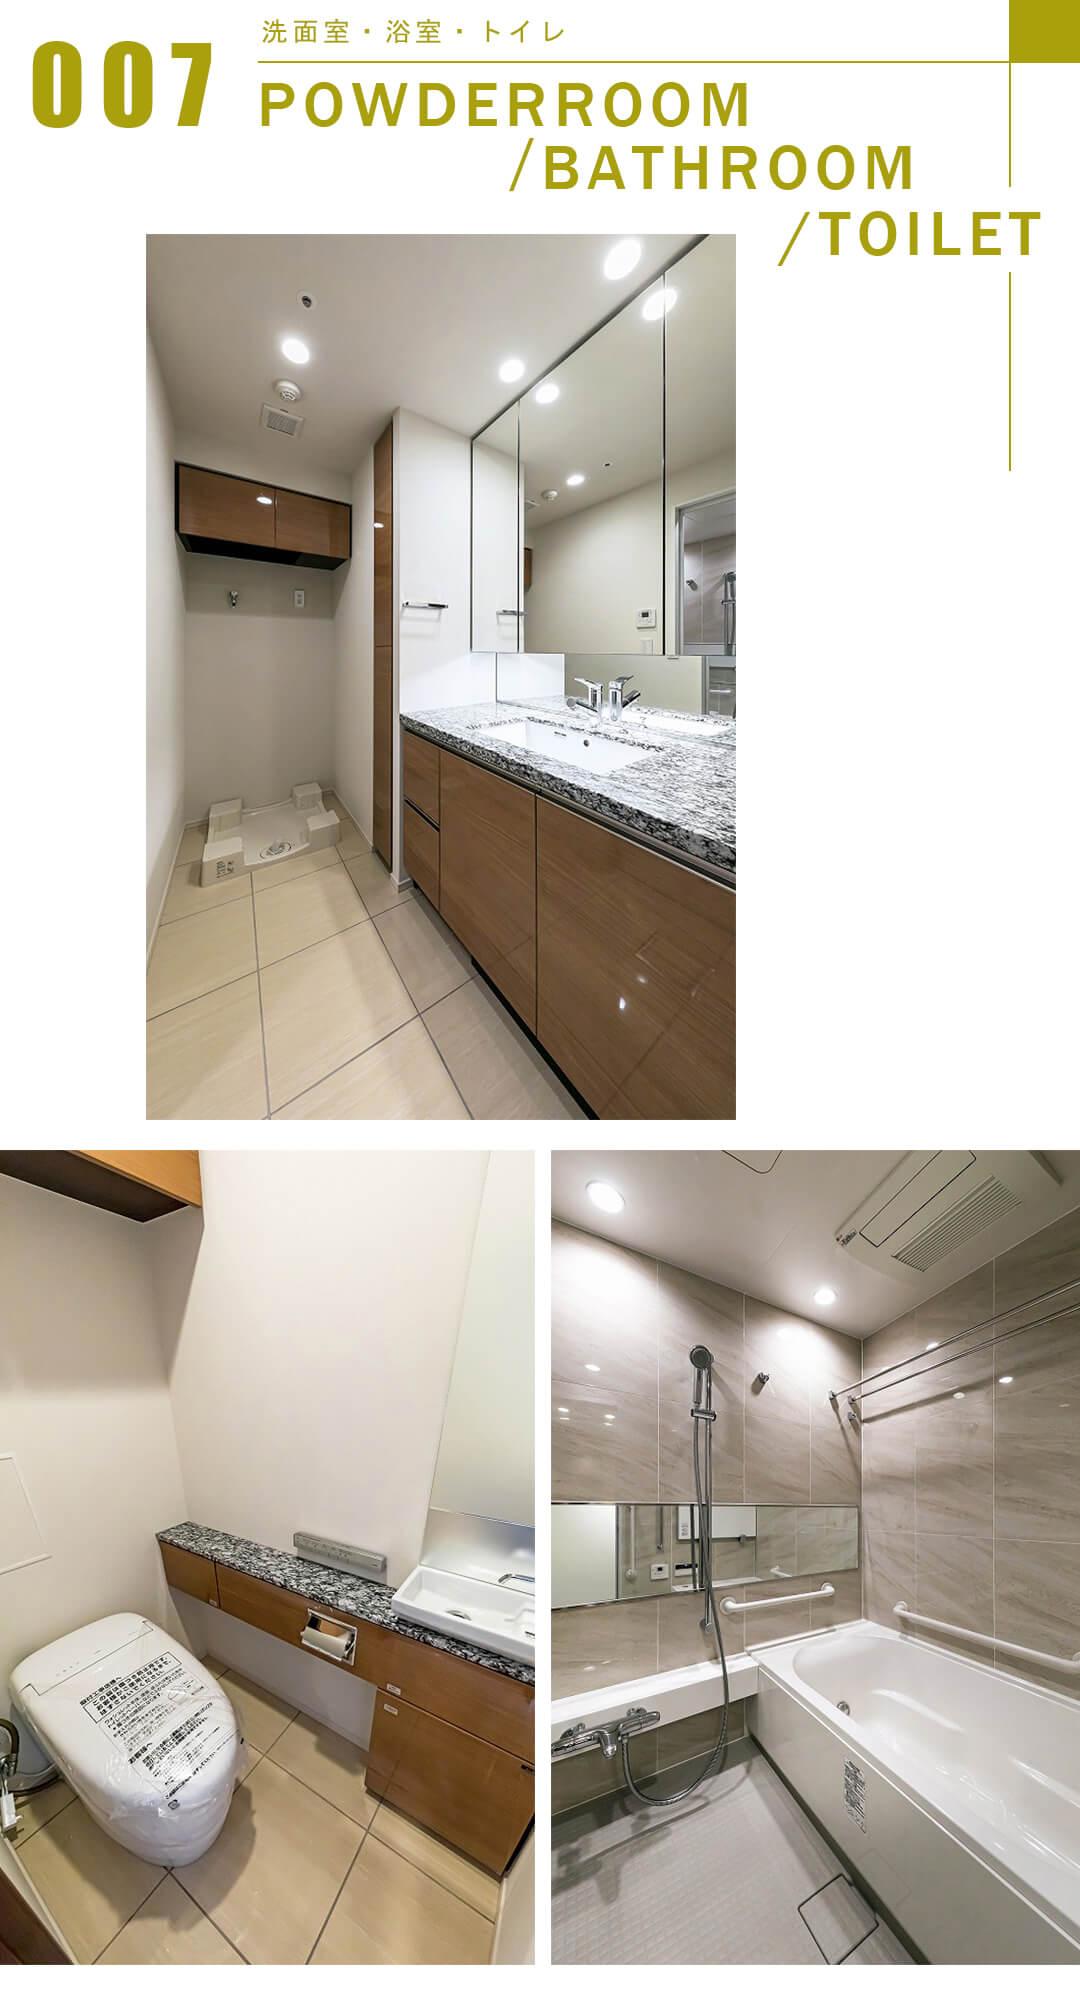 ブランズ横浜の洗面室と浴室とトイレ